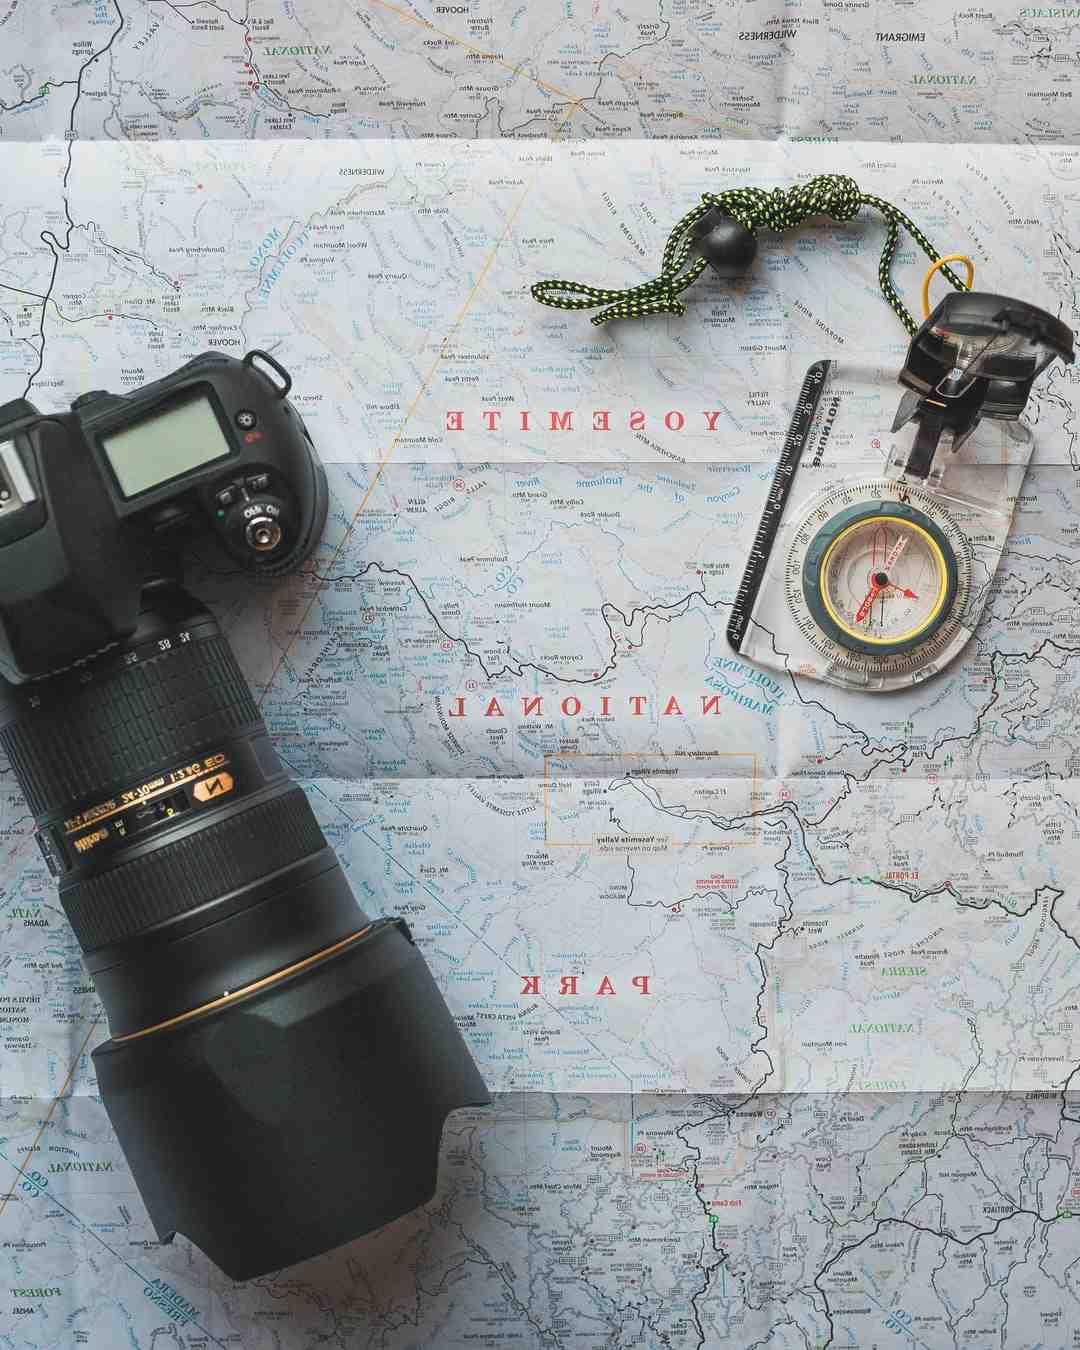 Comment faire une vidéo avec le Nikon D5000?